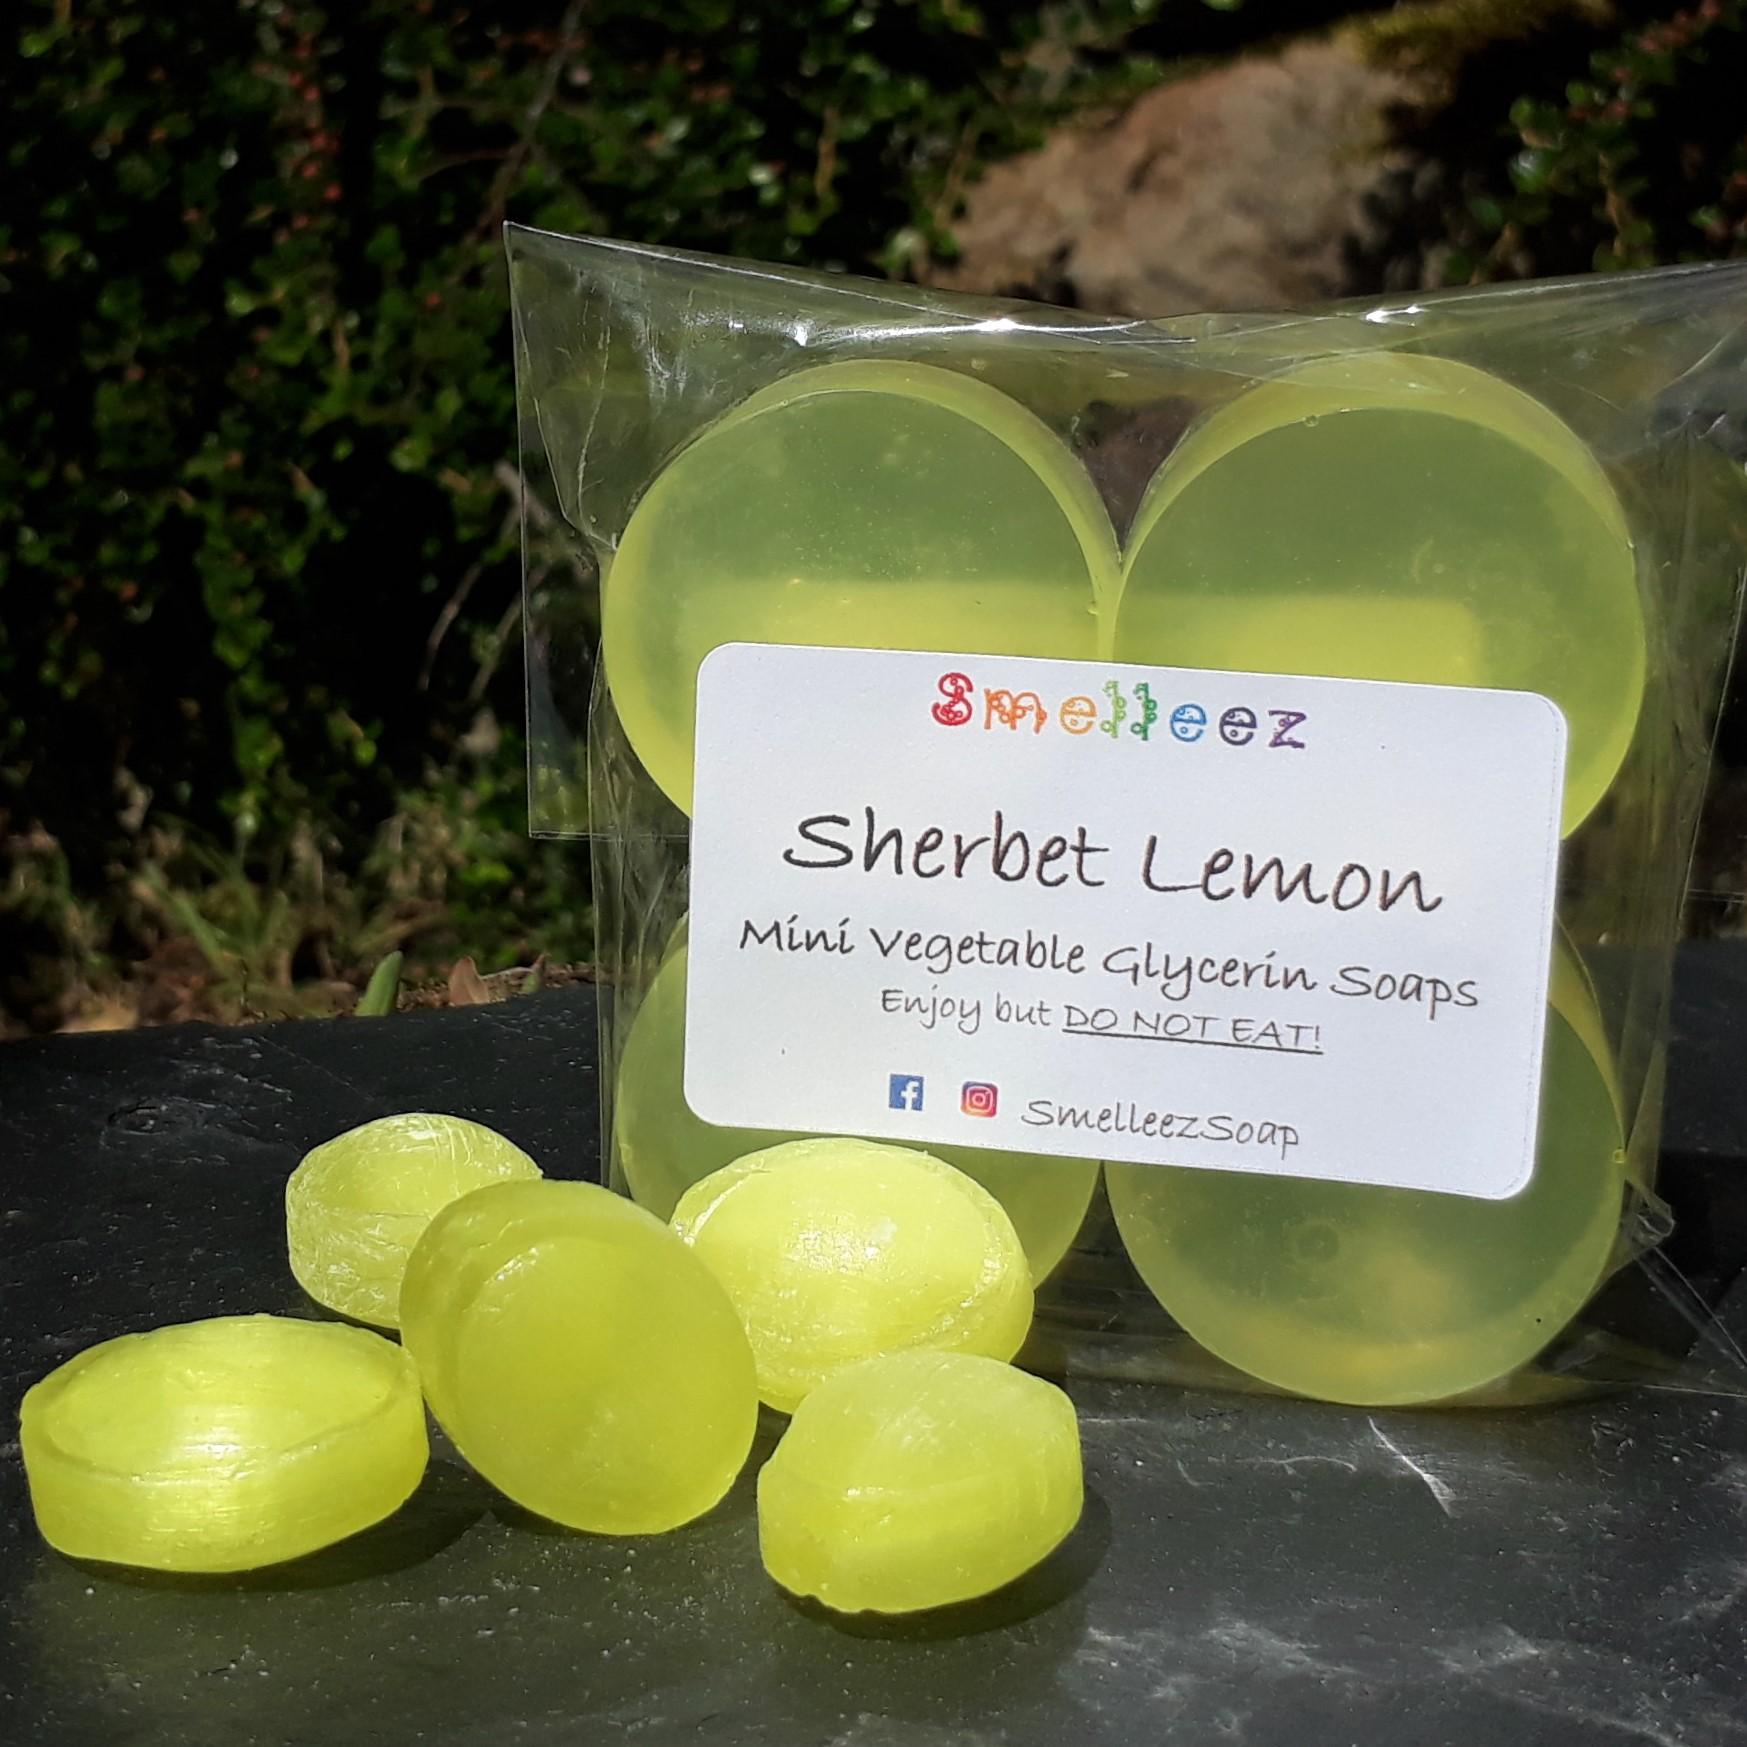 Mini Vegetable Glycerin Soap Bars (Sherbet Lemon)